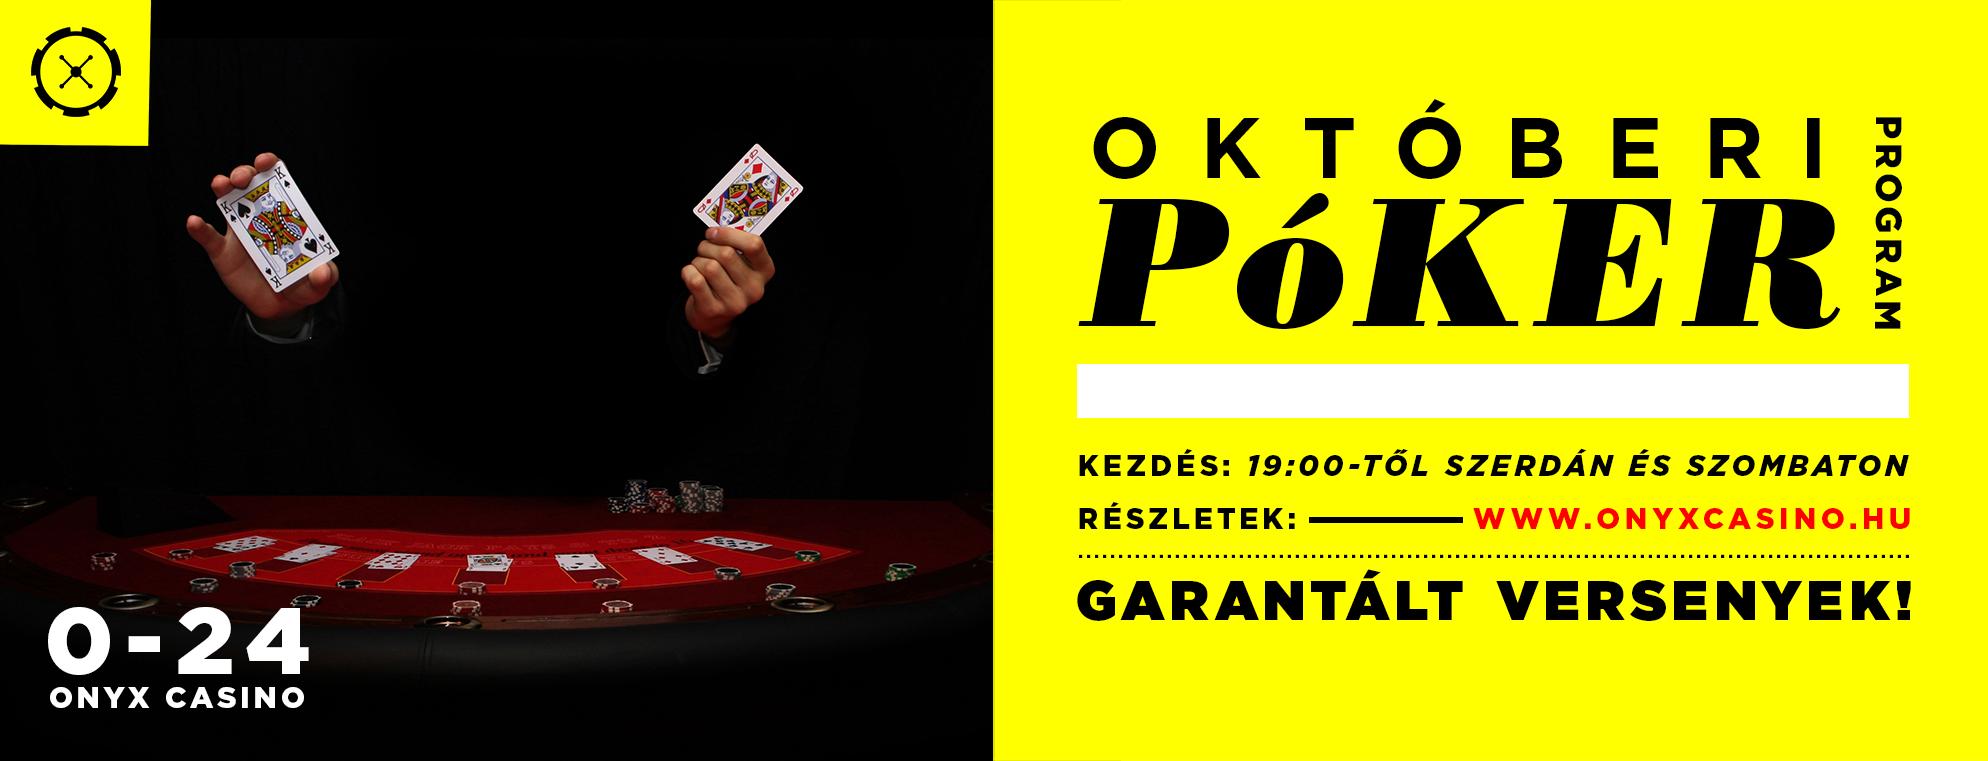 onyxcasino_okt_poker_webslide_alap_2018_09_28_01